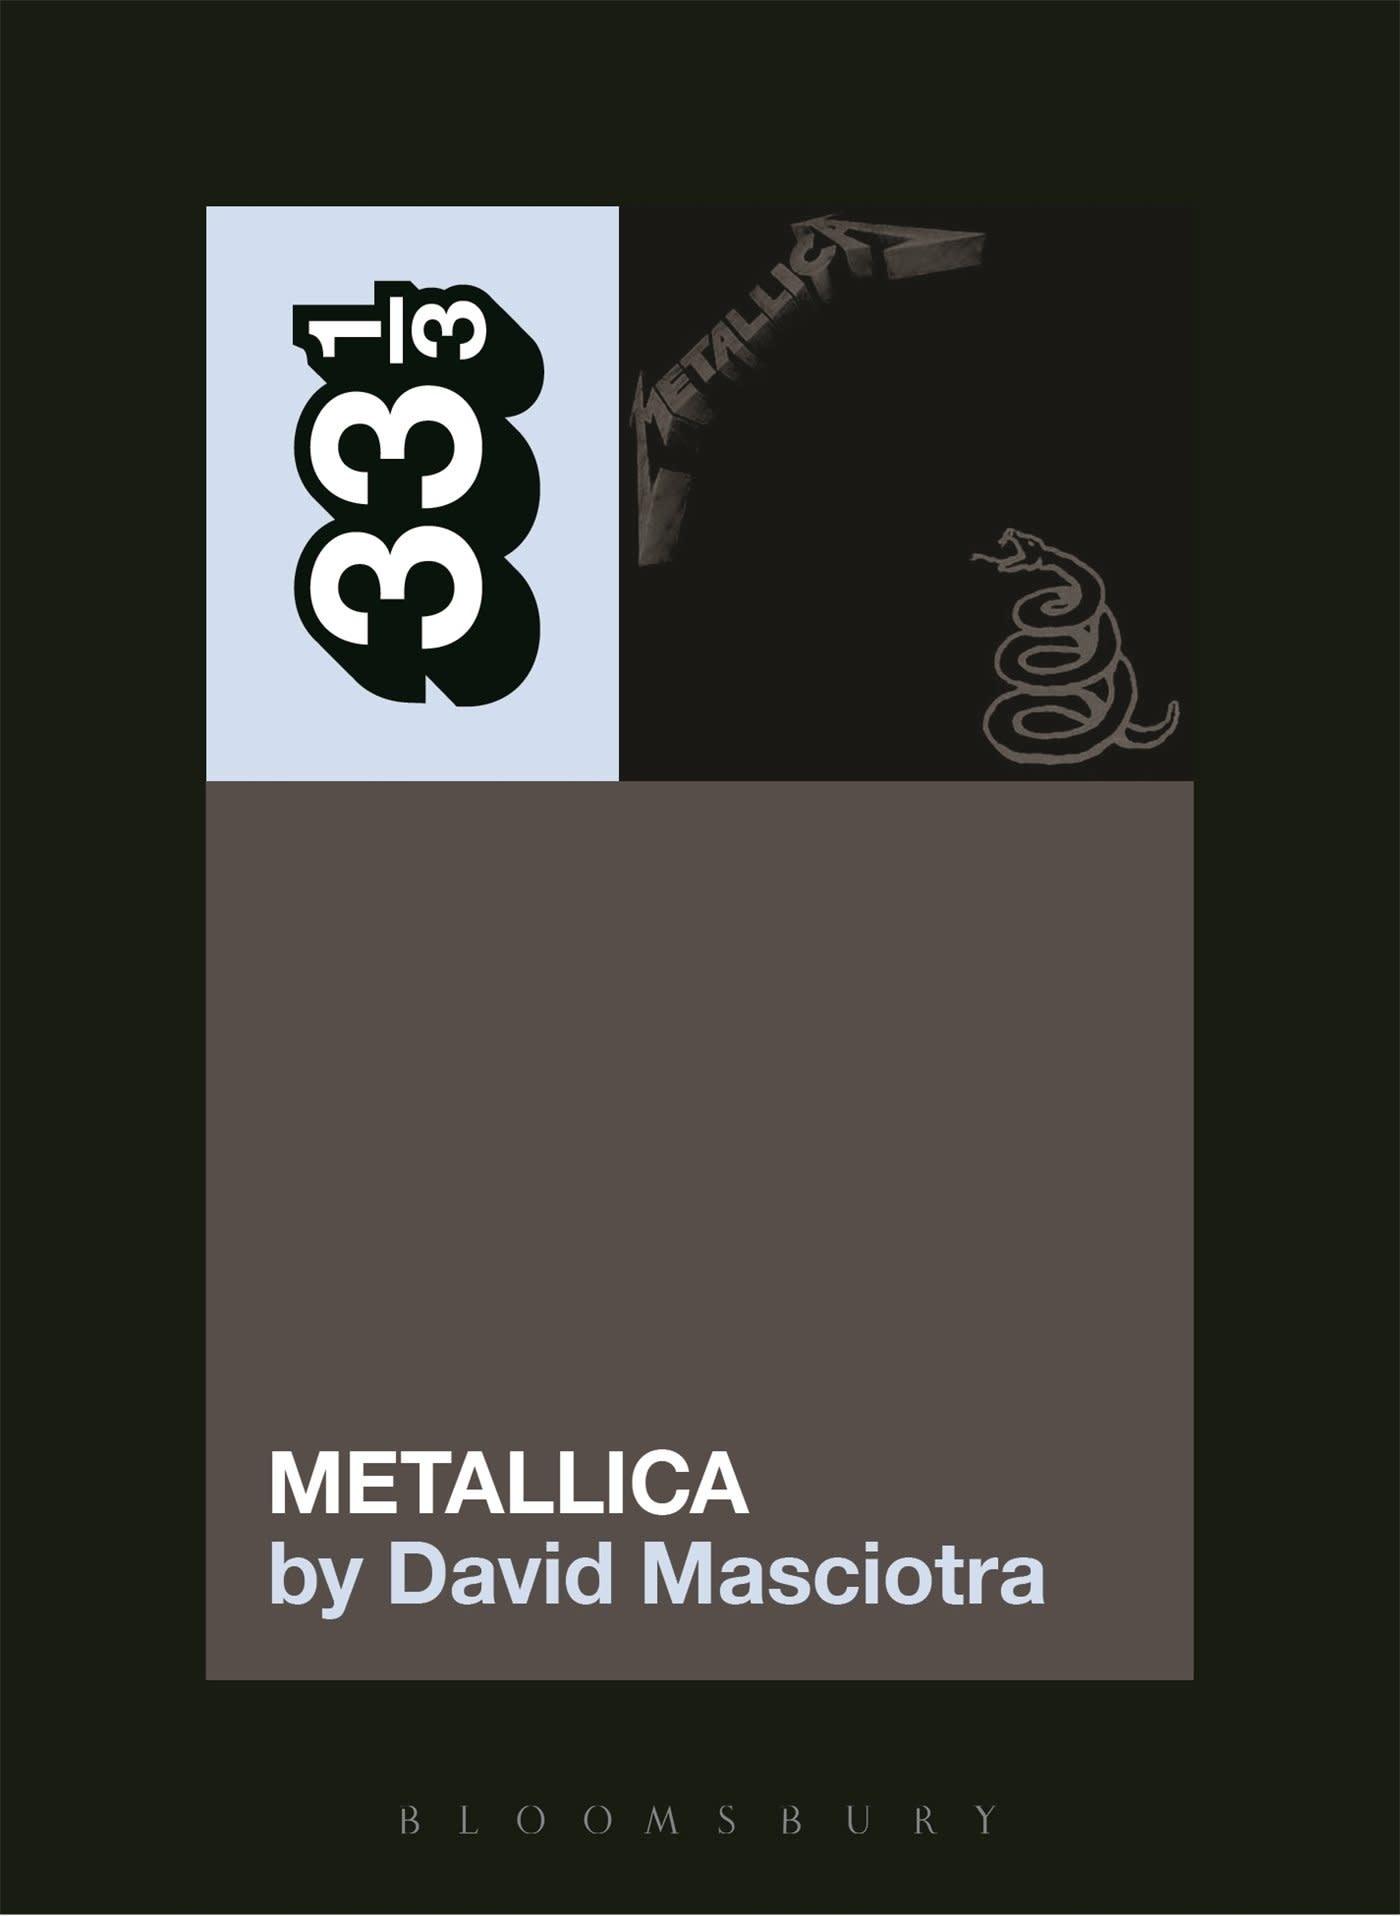 """33 1/3 Series 33 1/3 - #108 - Metallica's """"The Black Album"""" - David Masciotra"""